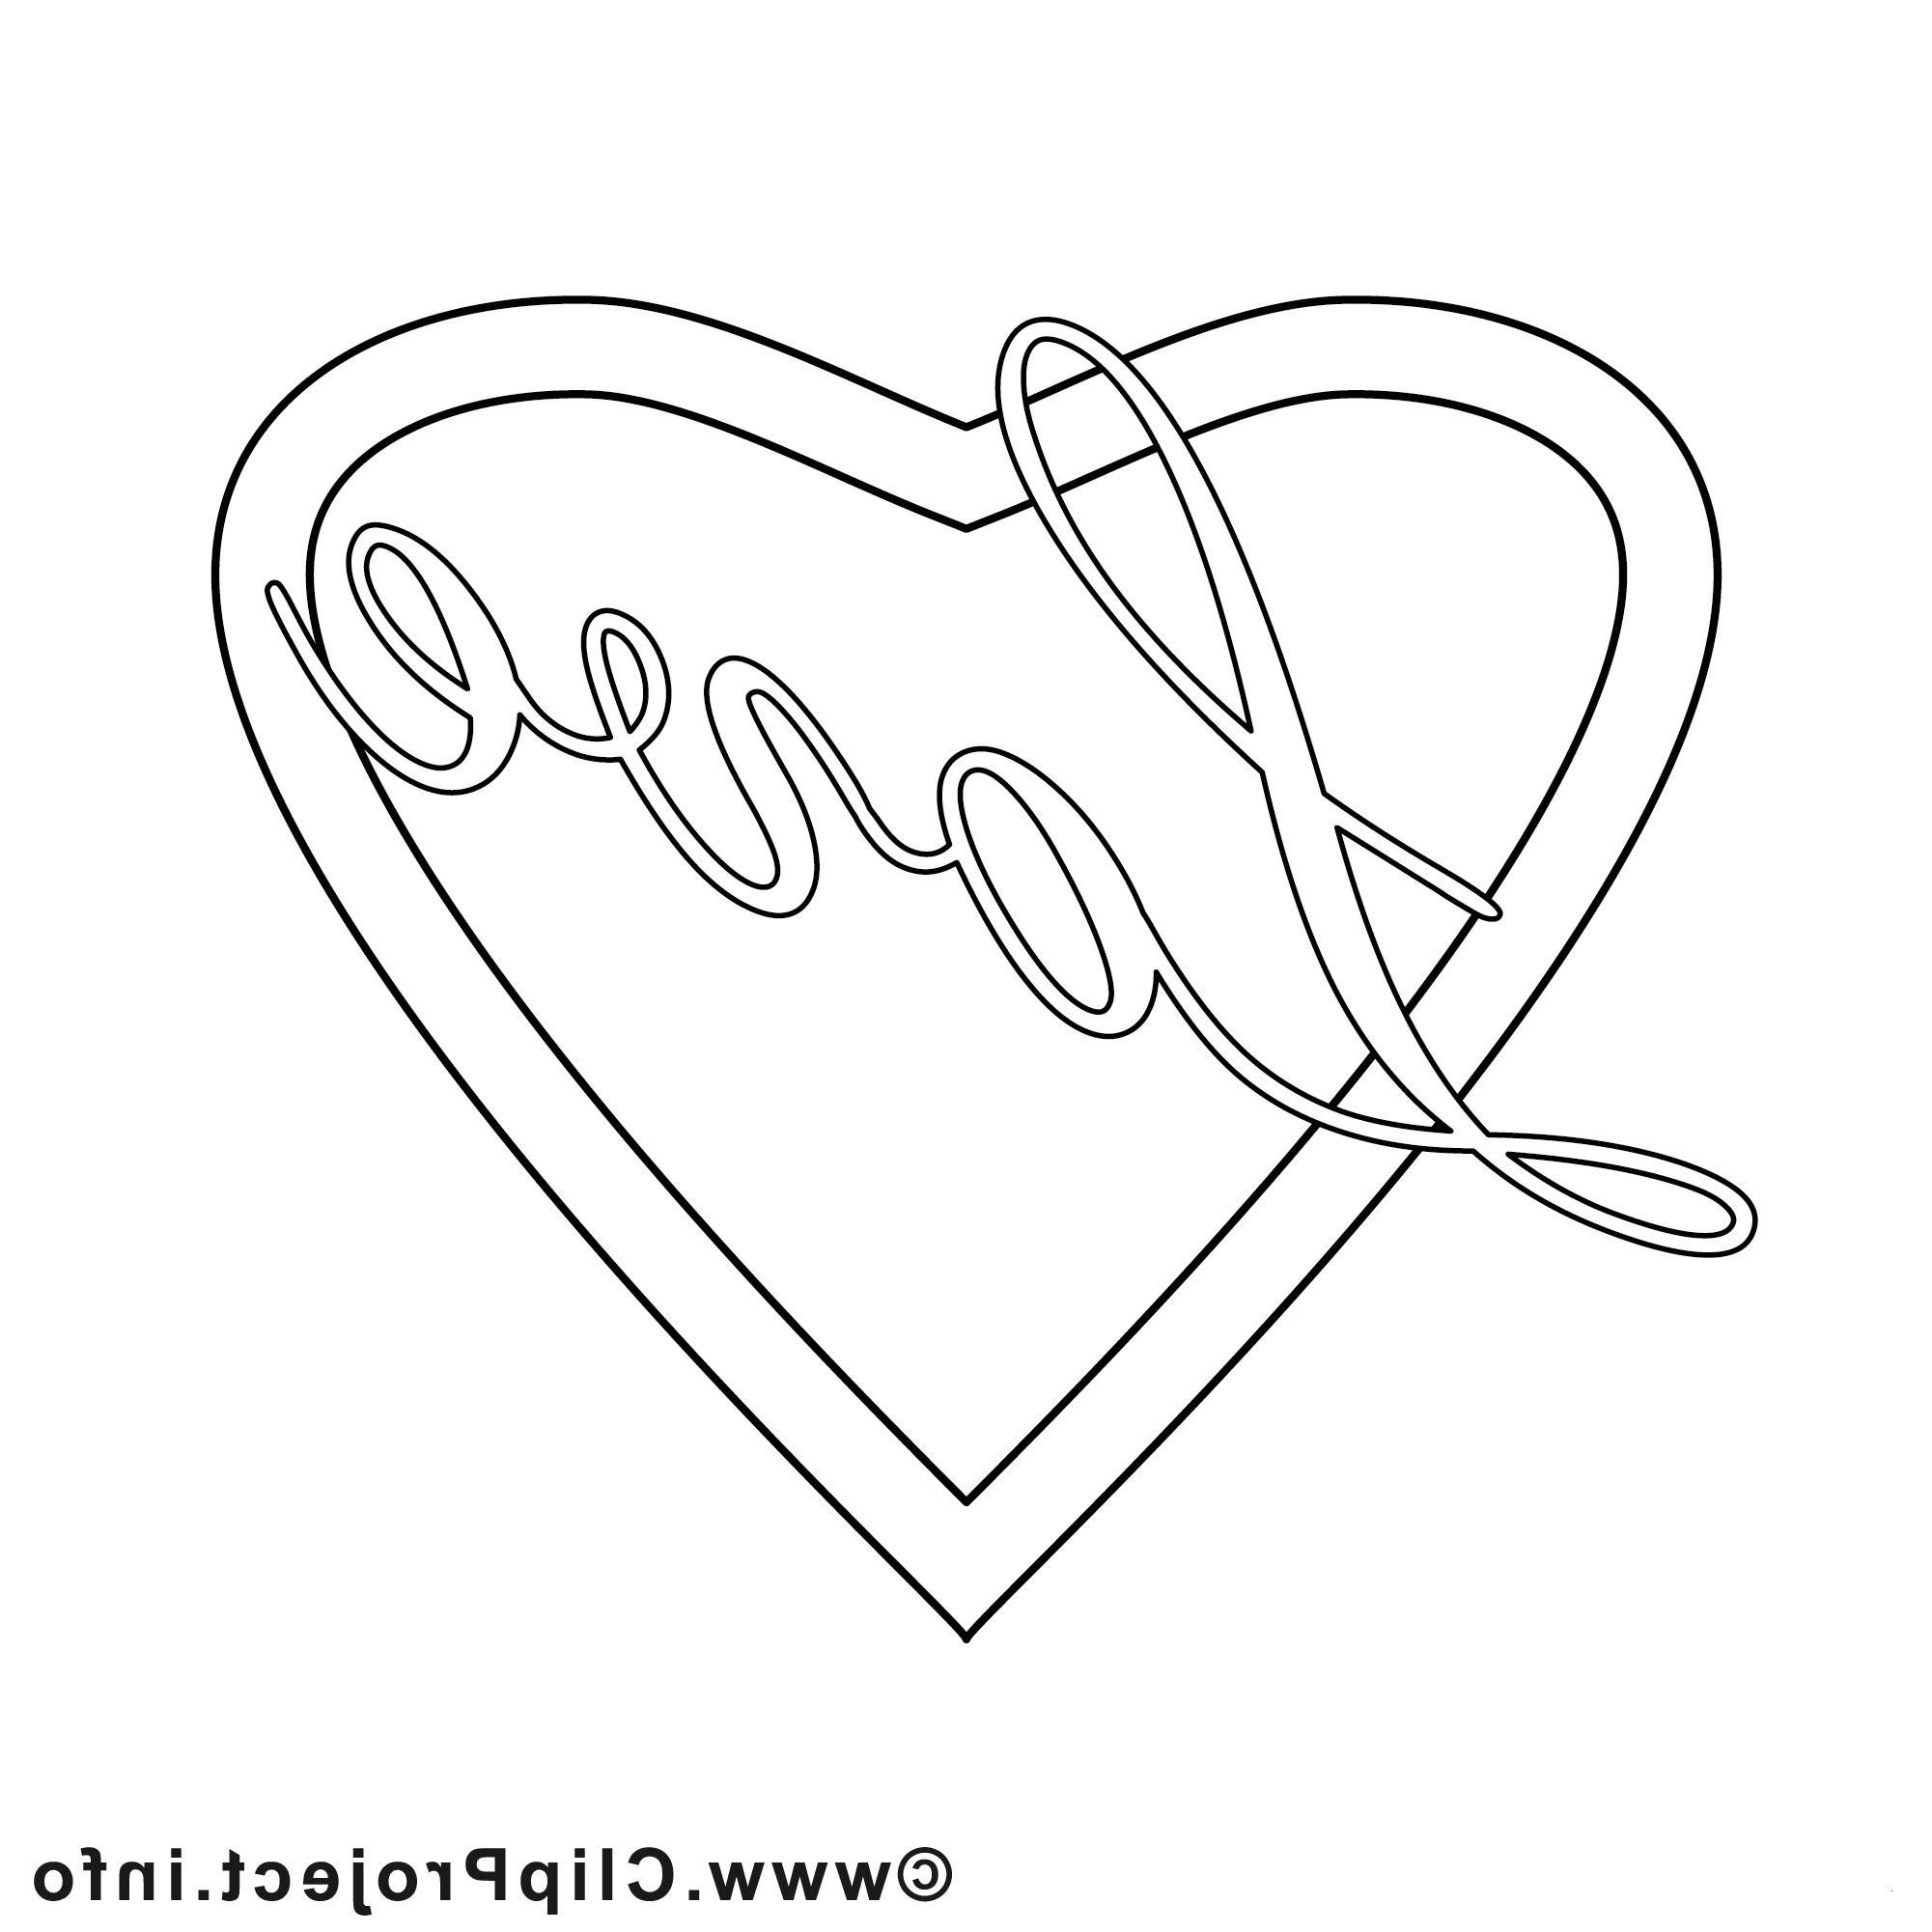 Herzen Zum Ausmalen Genial 23 Schön Herz Malvorlage – Malvorlagen Ideen Fotos